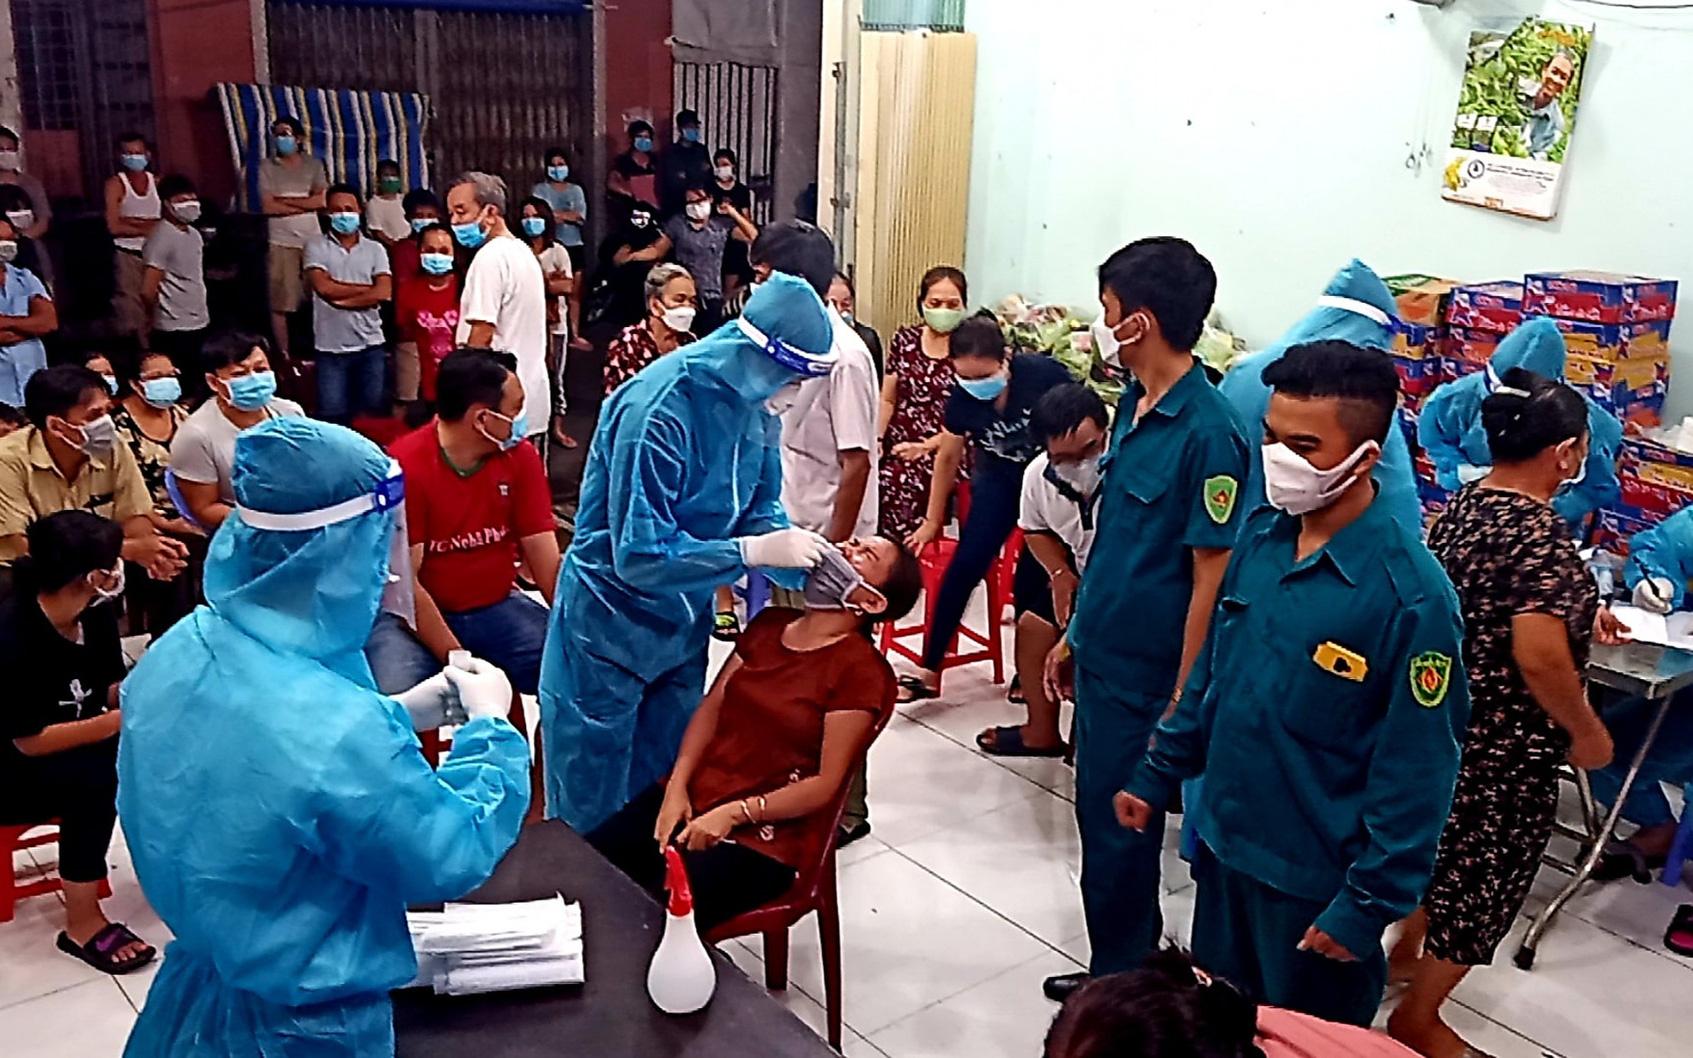 KHẨN: Bình Dương tìm người ở 2 địa điểm liên quan trường hợp nhiễm COVID-19 ngoài cộng đồng đầu tiên ở Bàu Bàng